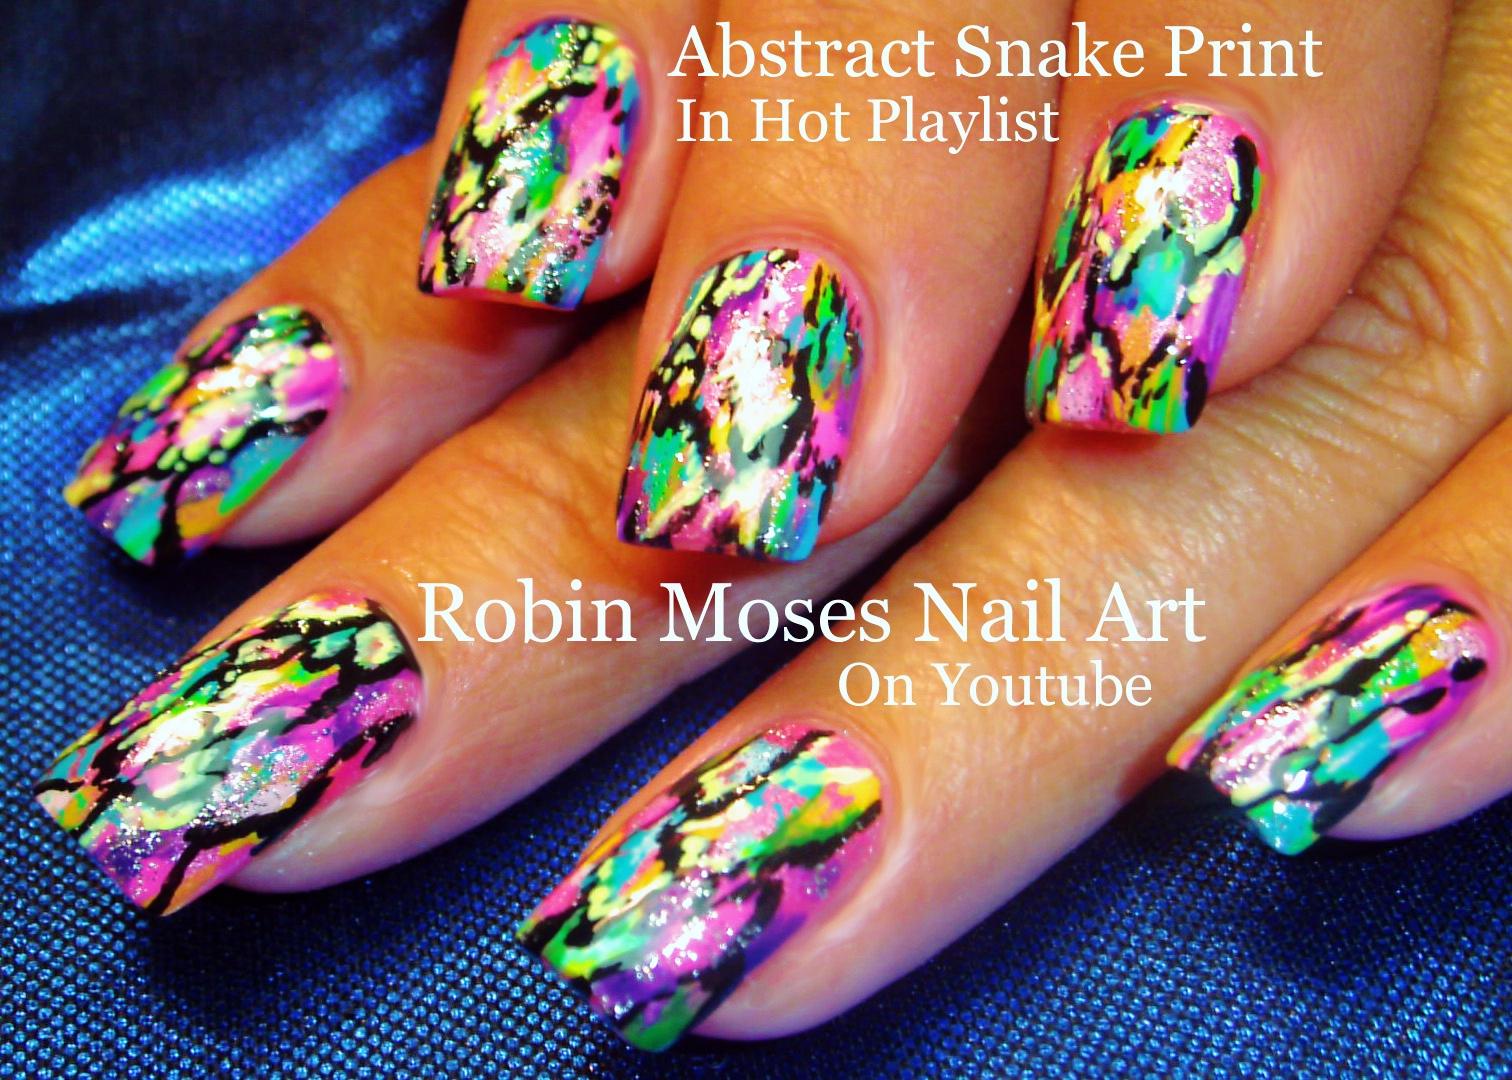 CUTE Nails | Cute Nail Playlist | Cutest DIY Nail Designs & Nail Art for  beginners to Advanced Nail Techs!! - Nail Art By Robin Moses: Abstract Watercolor Nails!